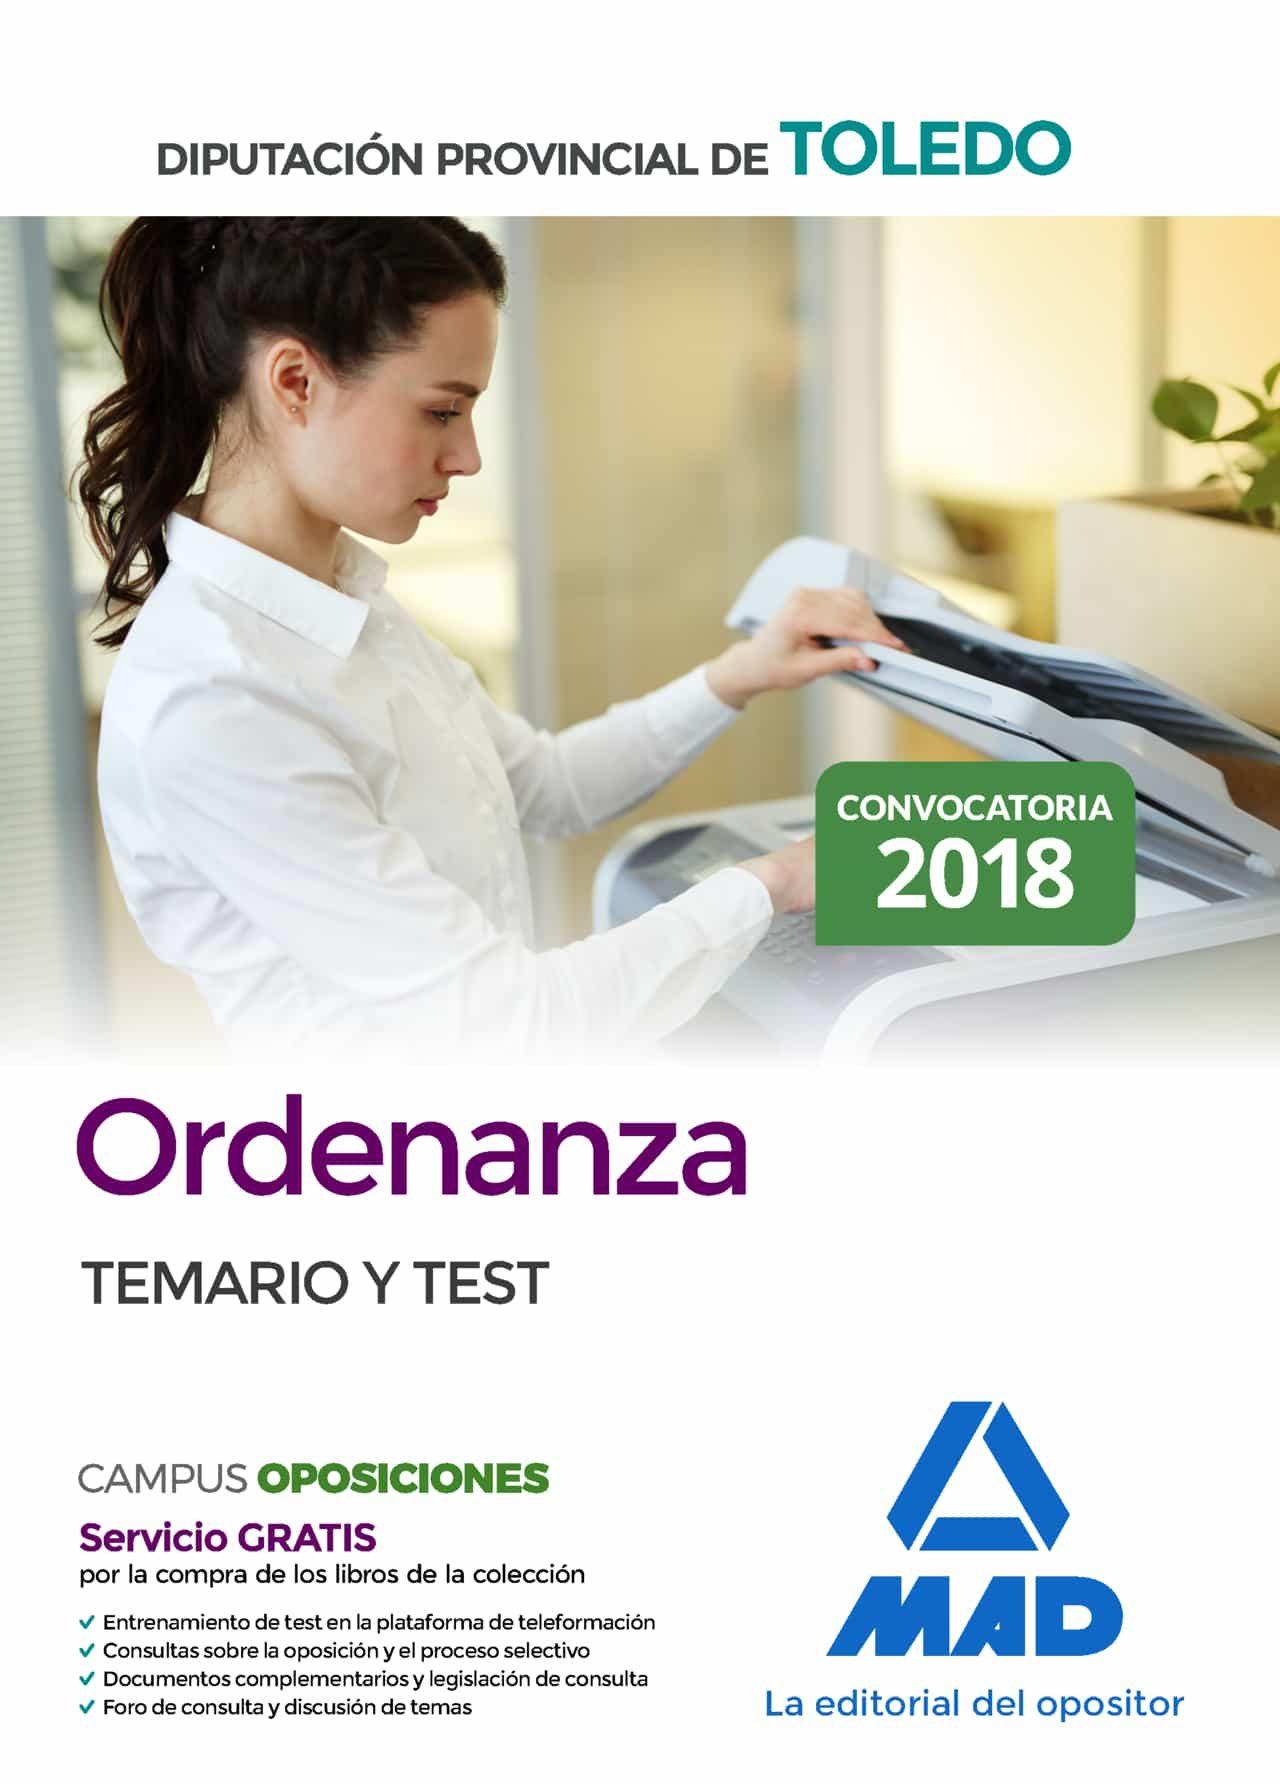 Ordenanza De La Diputacion Provincial De Toledo: Temario Y Test por Vv.aa.